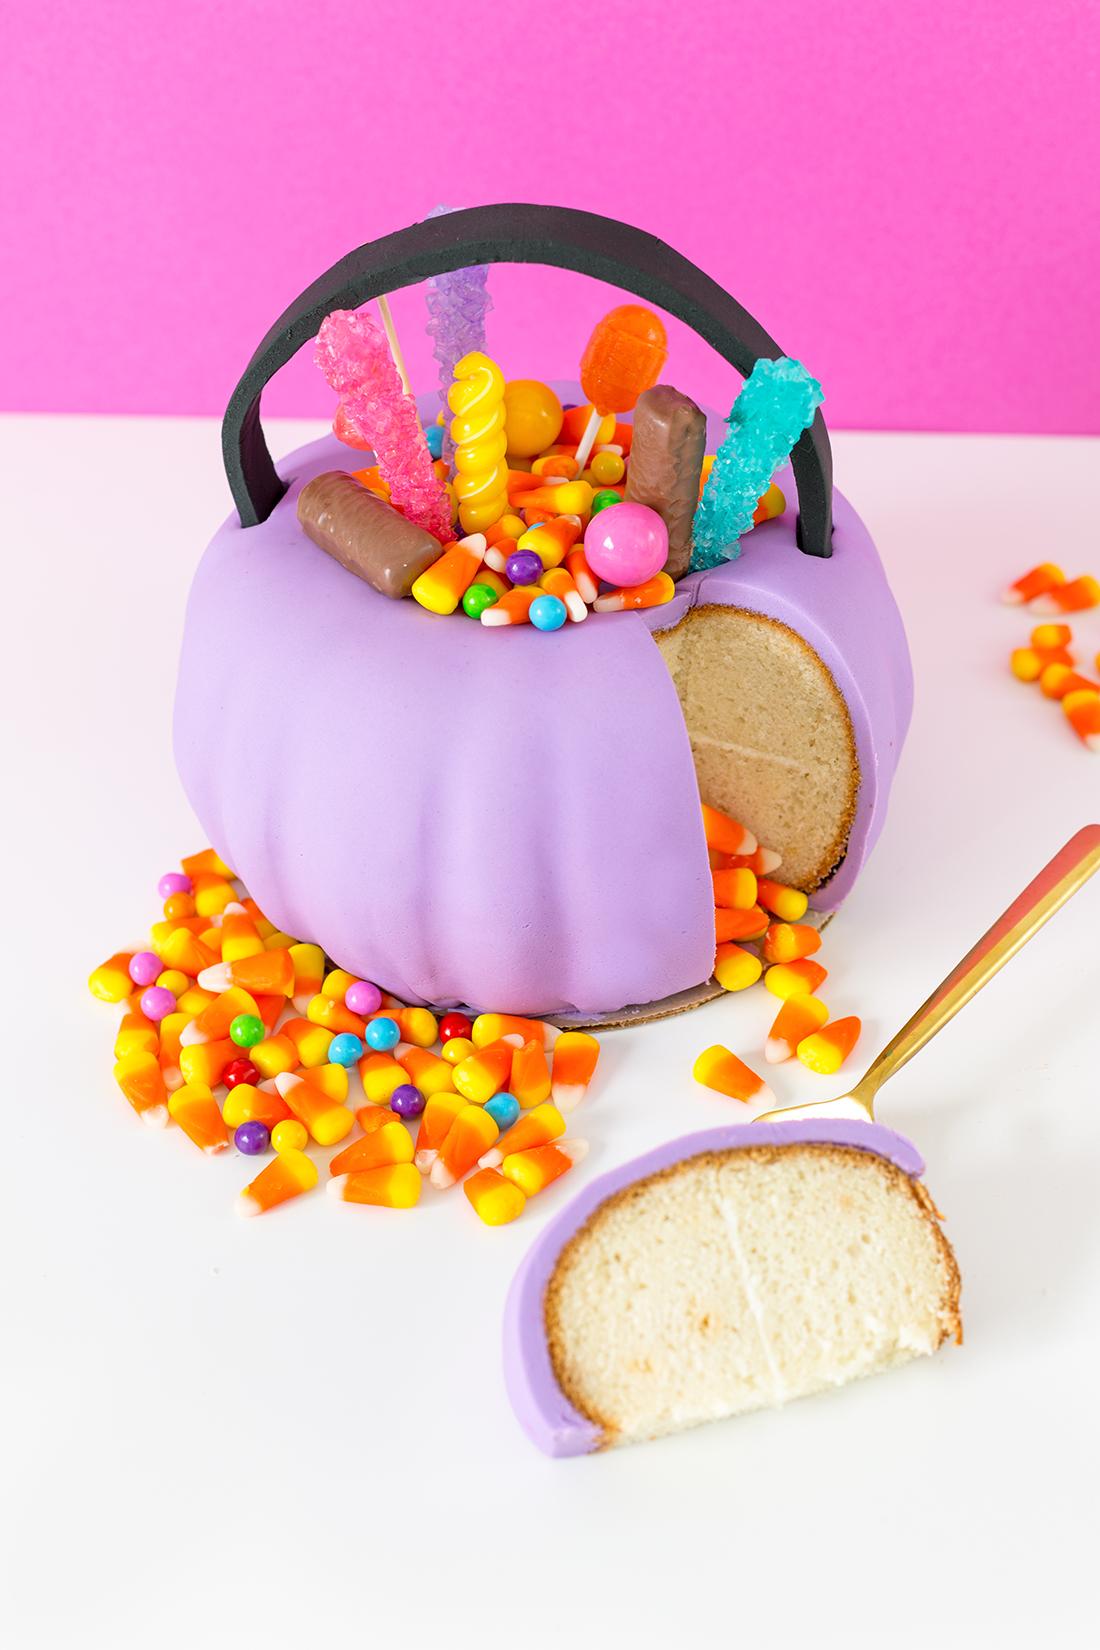 Gostosuras dentro de gostosuras: bolo piñata vai fazer a alegria das crianças – e dos adultos também!